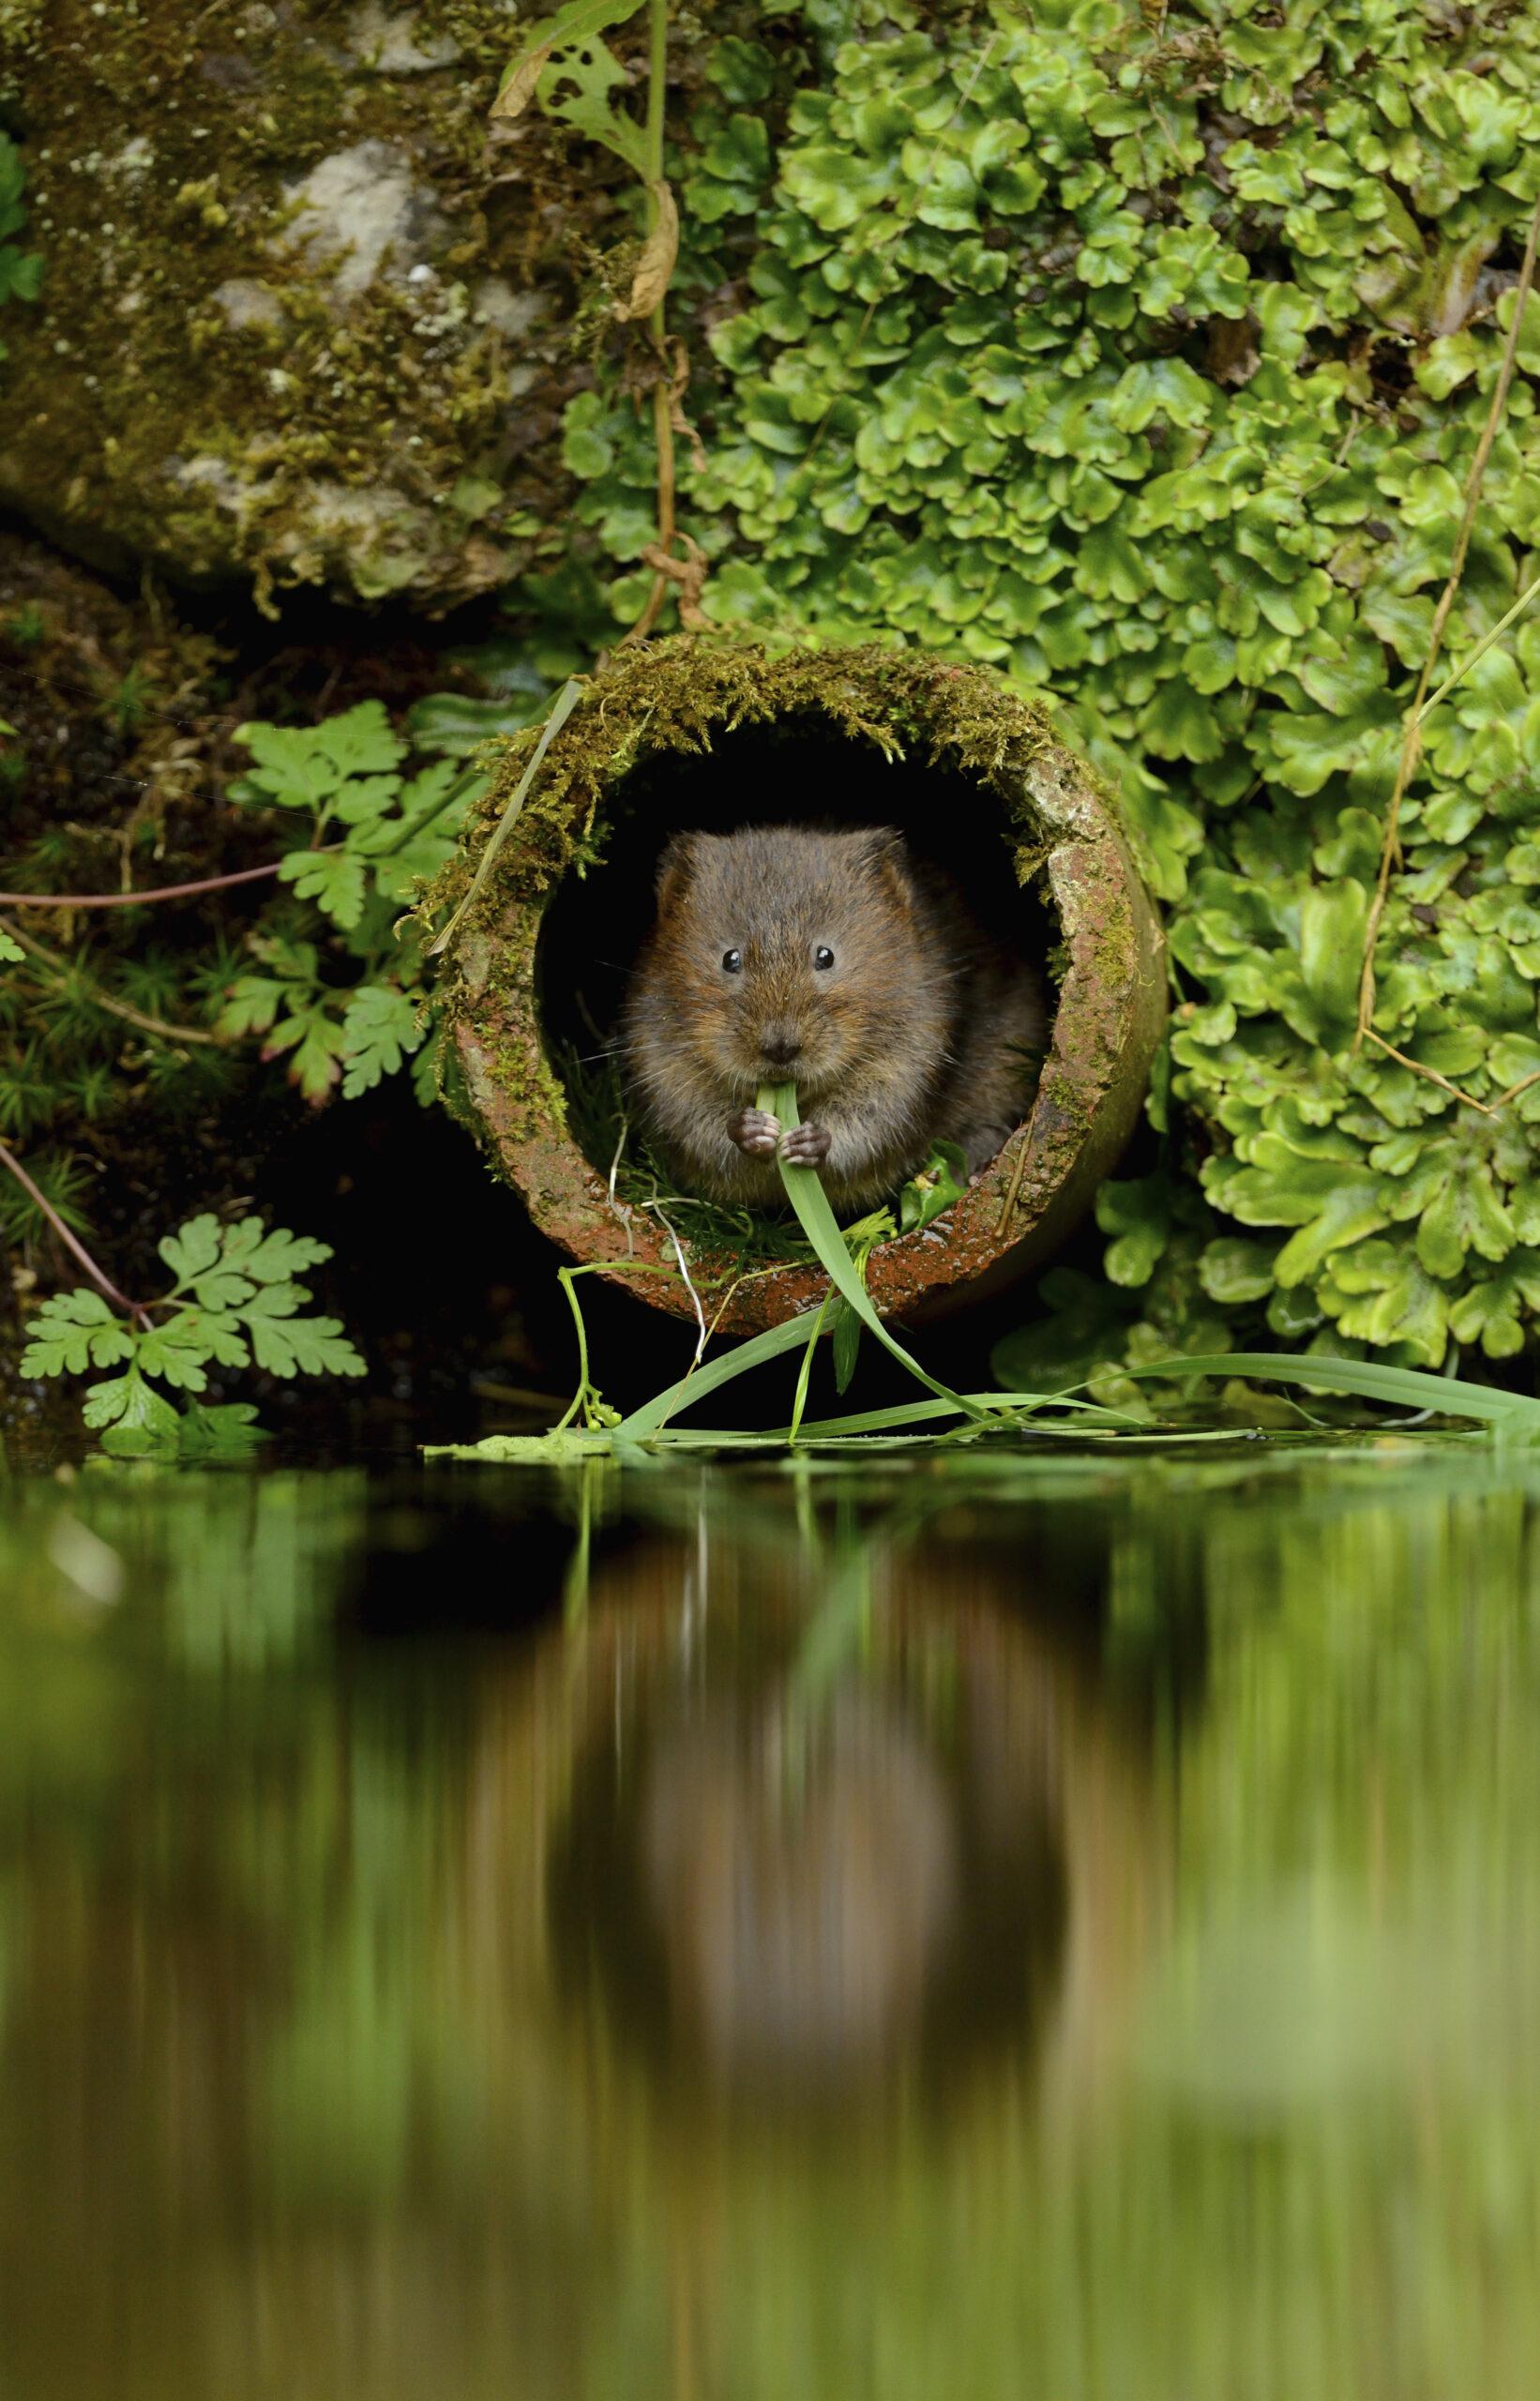 Water vole Arvicola amphibius, eating aquatic vegetation, Kent, August